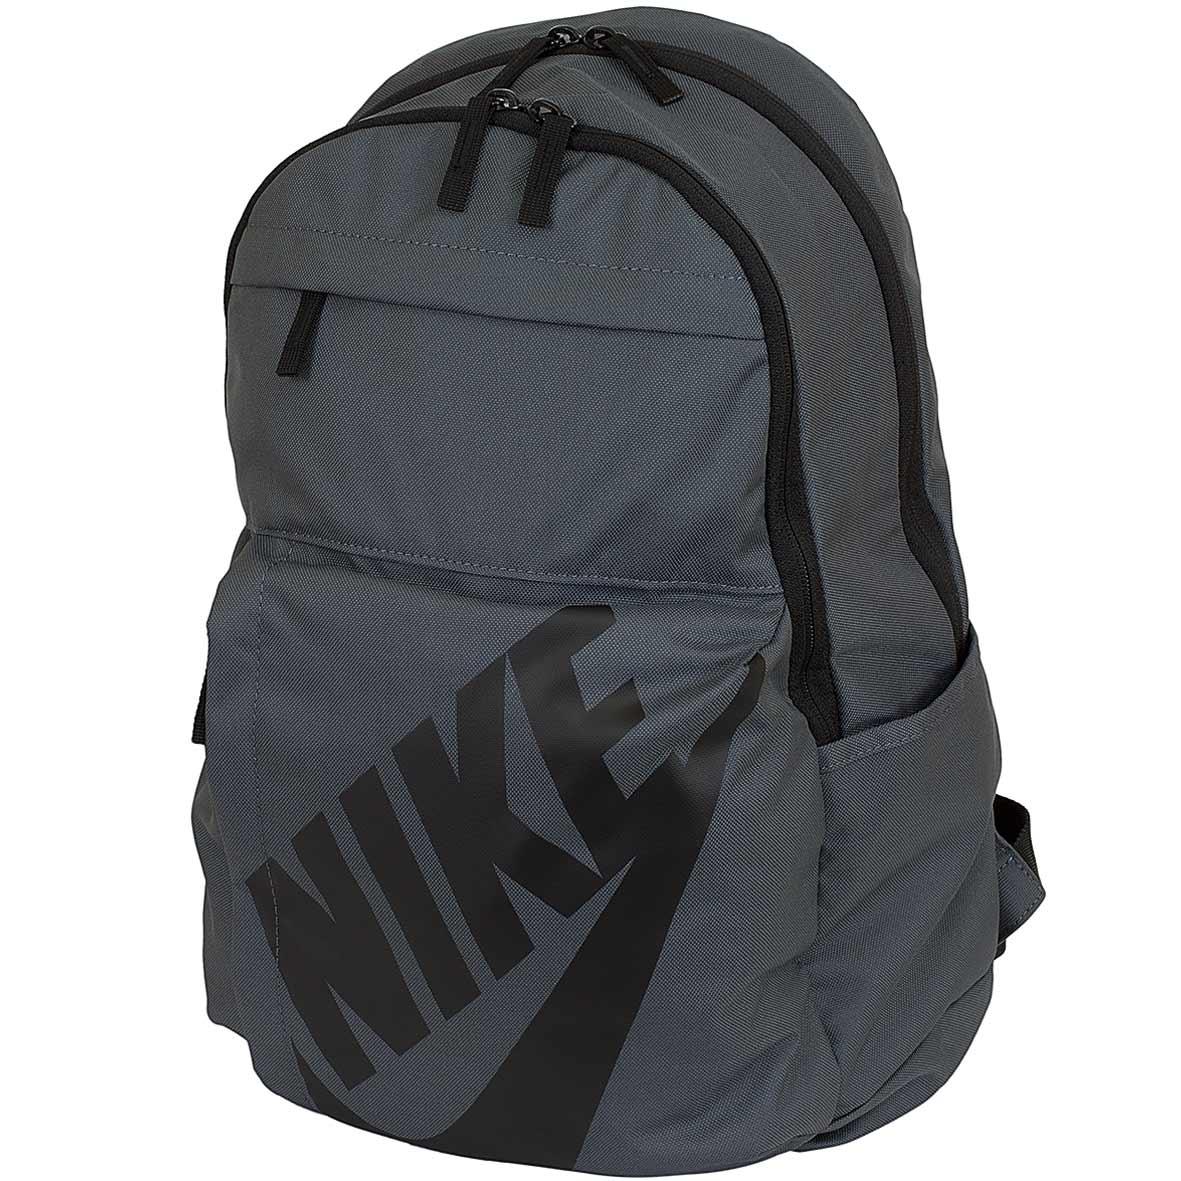 62599c9f95923 ☆ Nike Rucksack Elemental grau schwarz - hier bestellen!